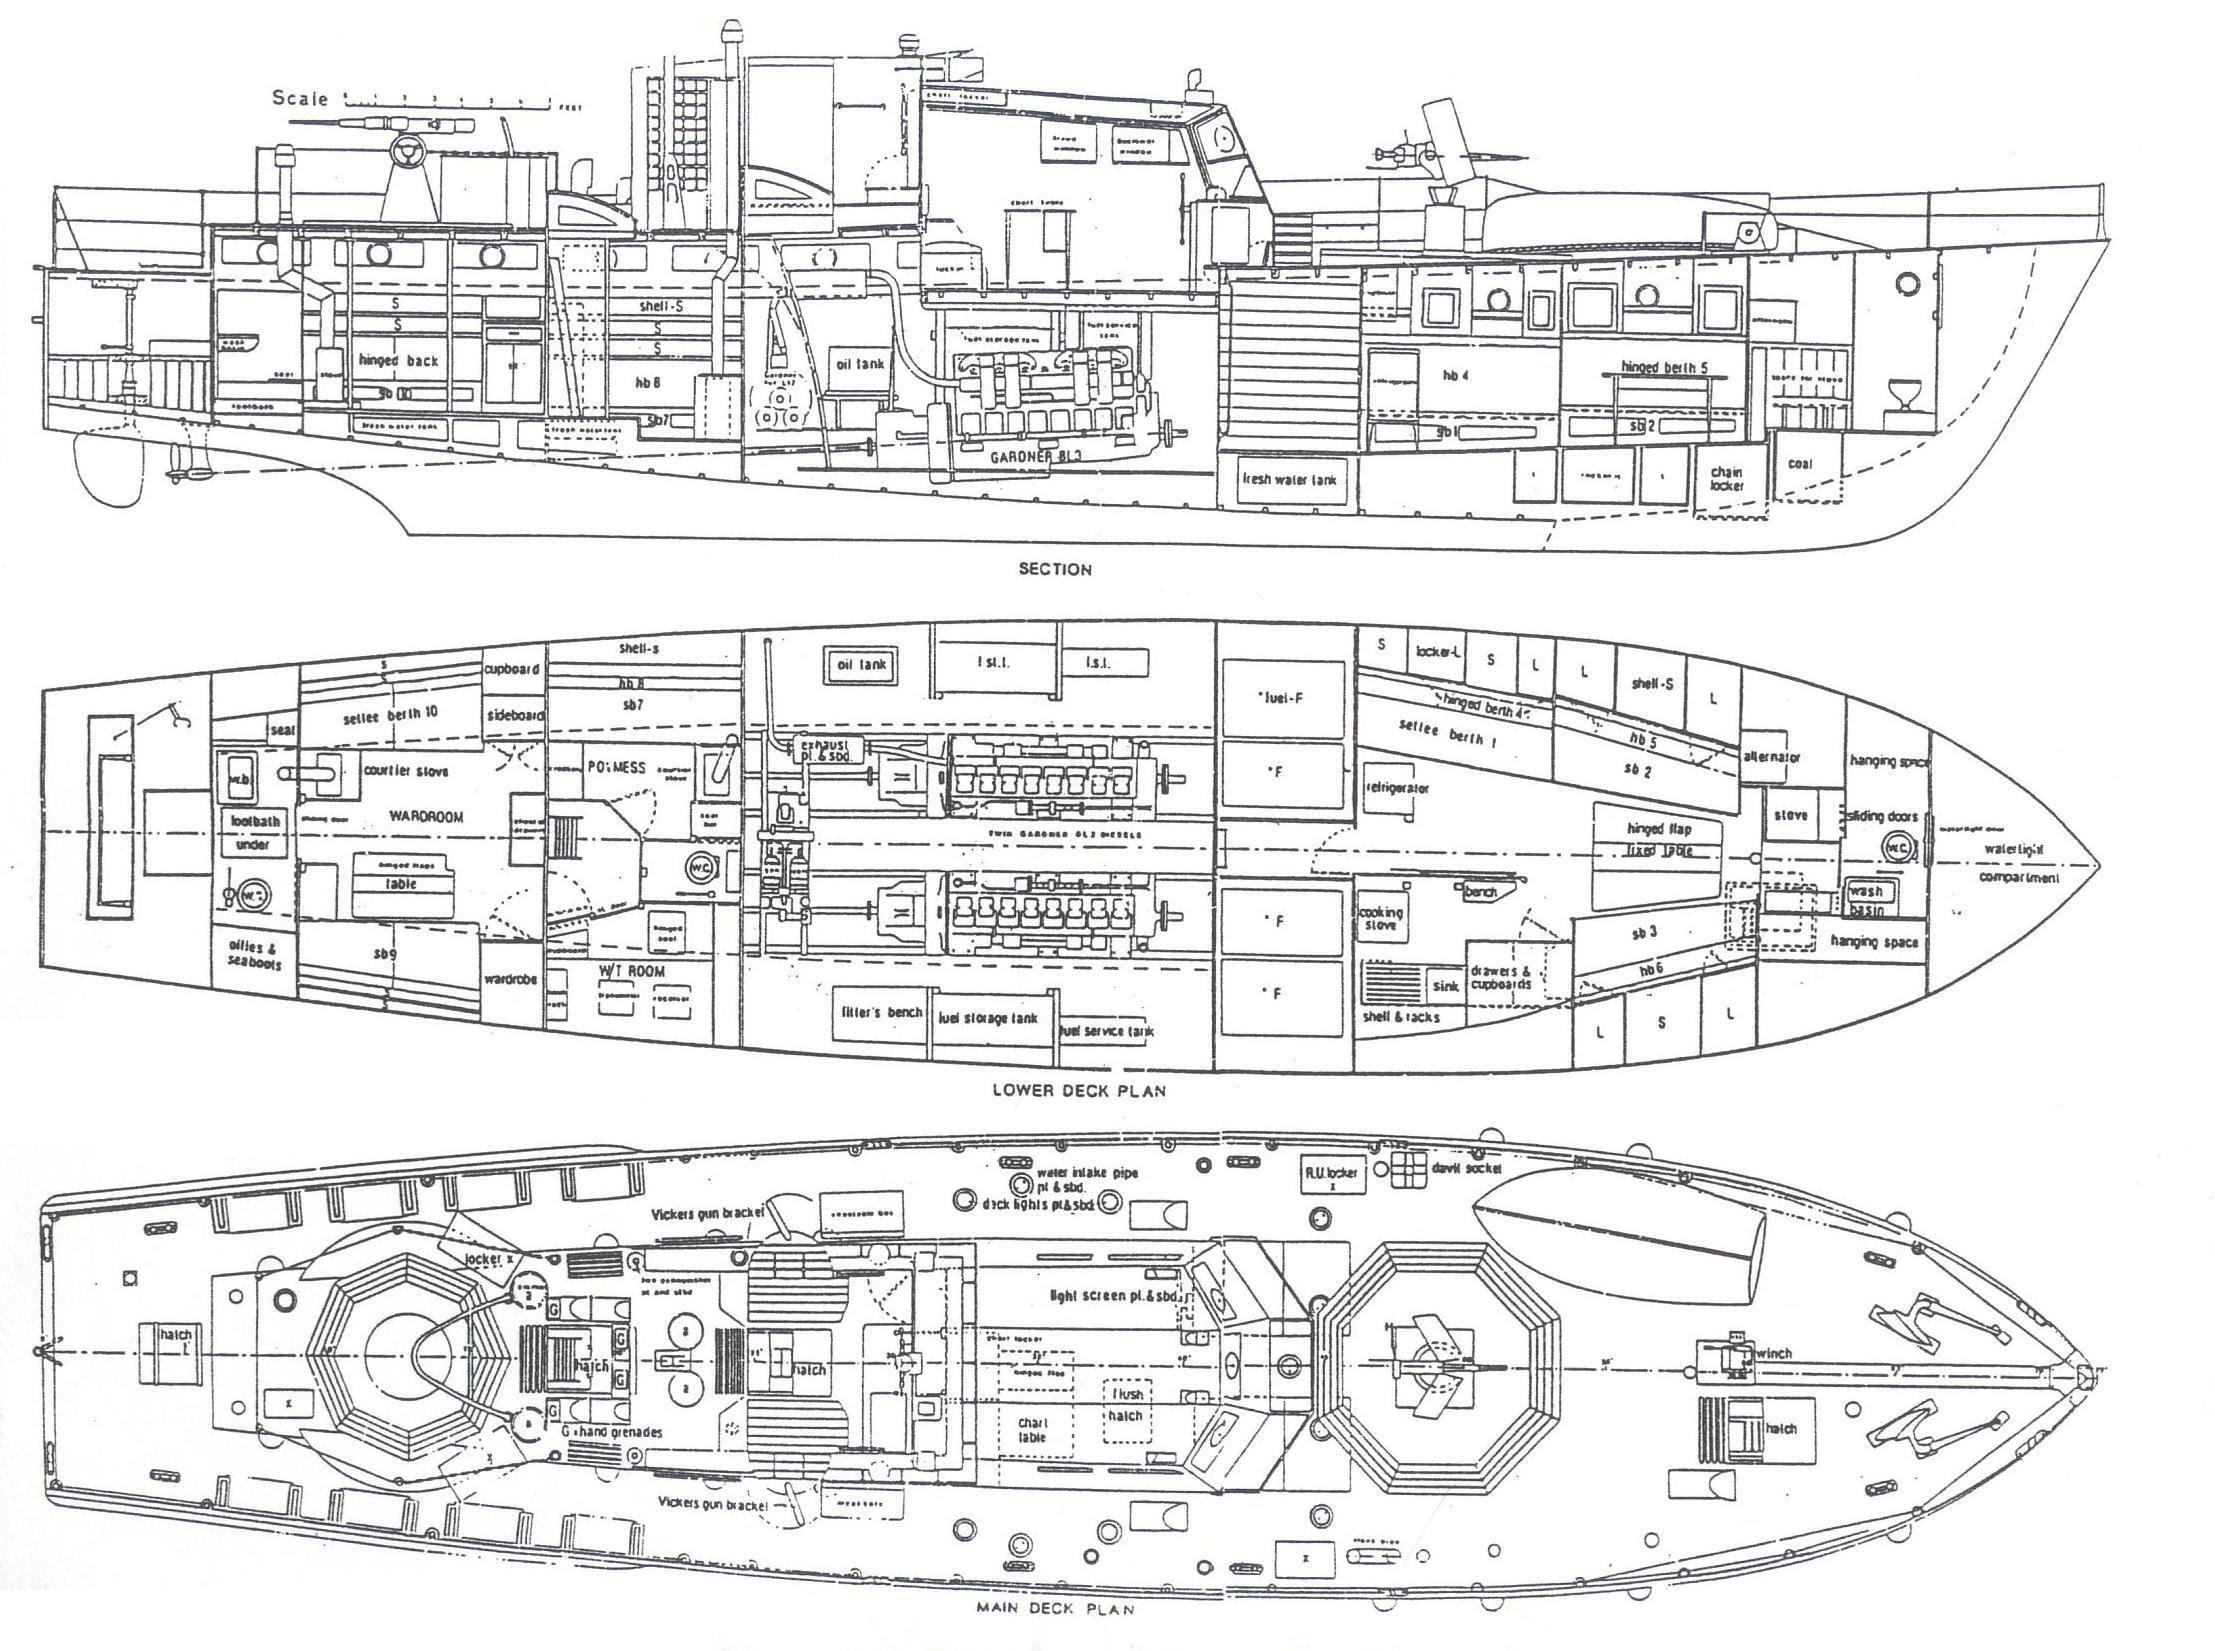 War Ship Deck Plans